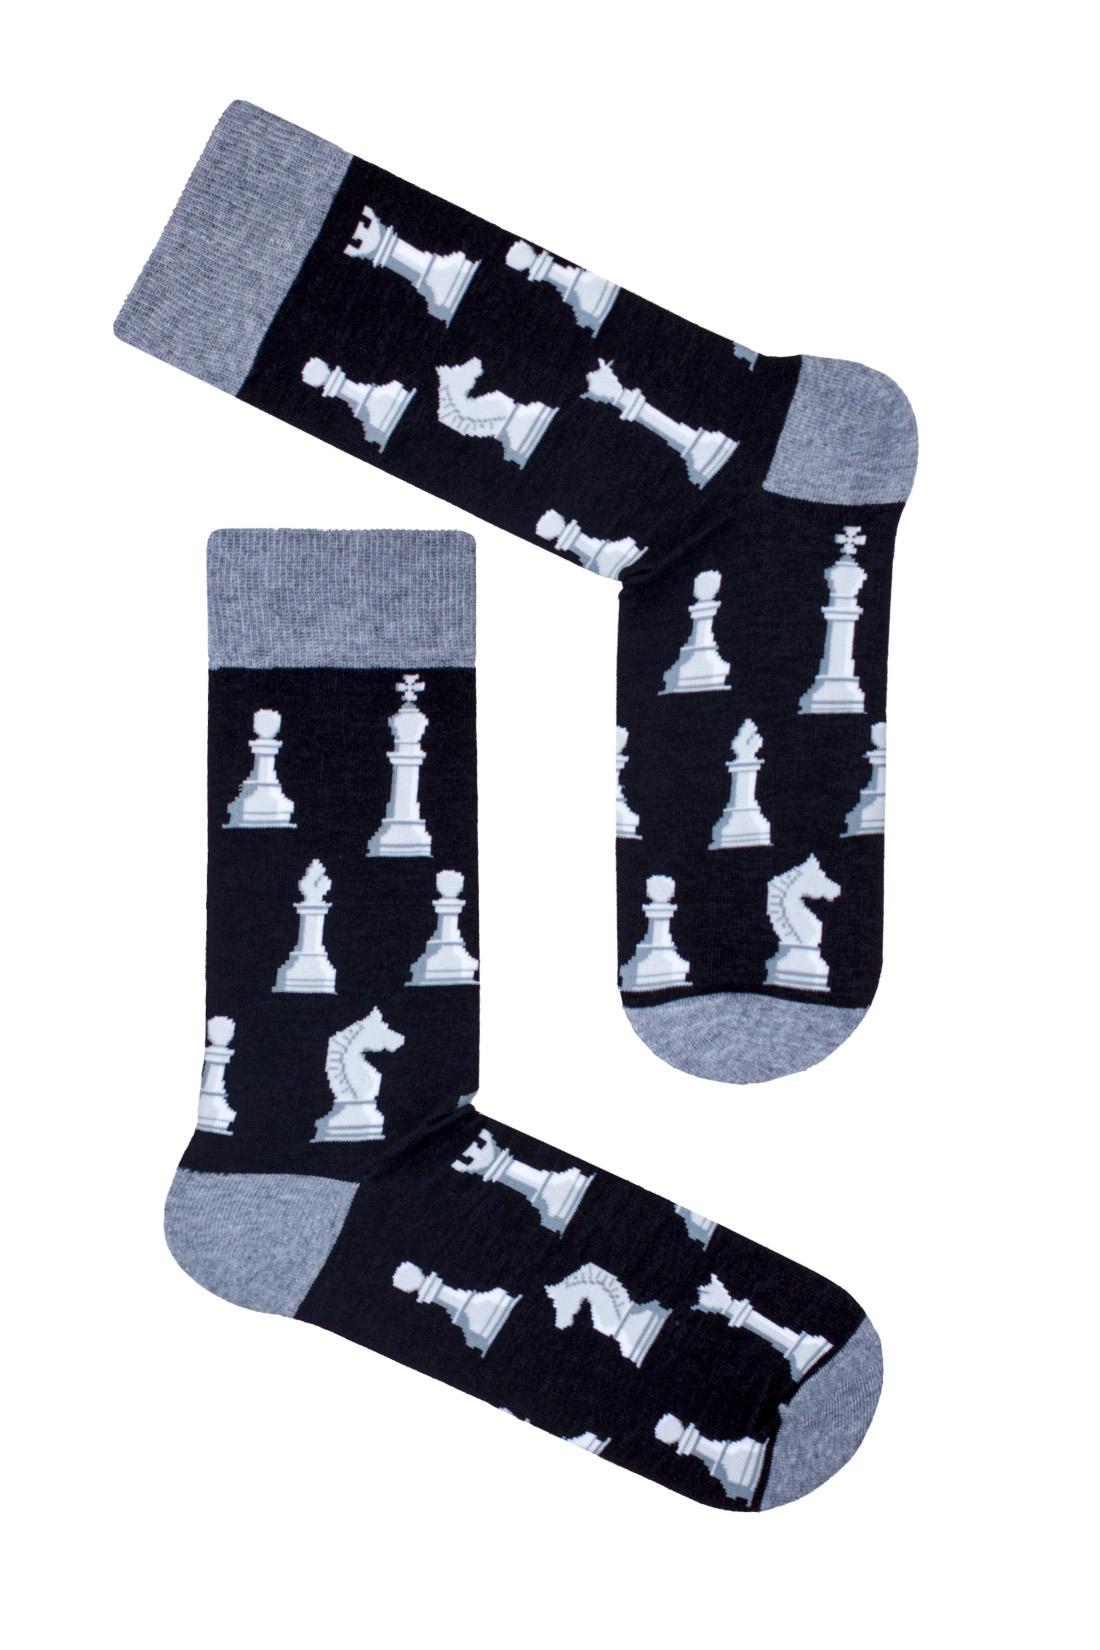 Kolorowe skarpetki męskie,czarne z melanżowym wykończeniem. Skarpetki ze wzorem szachów.